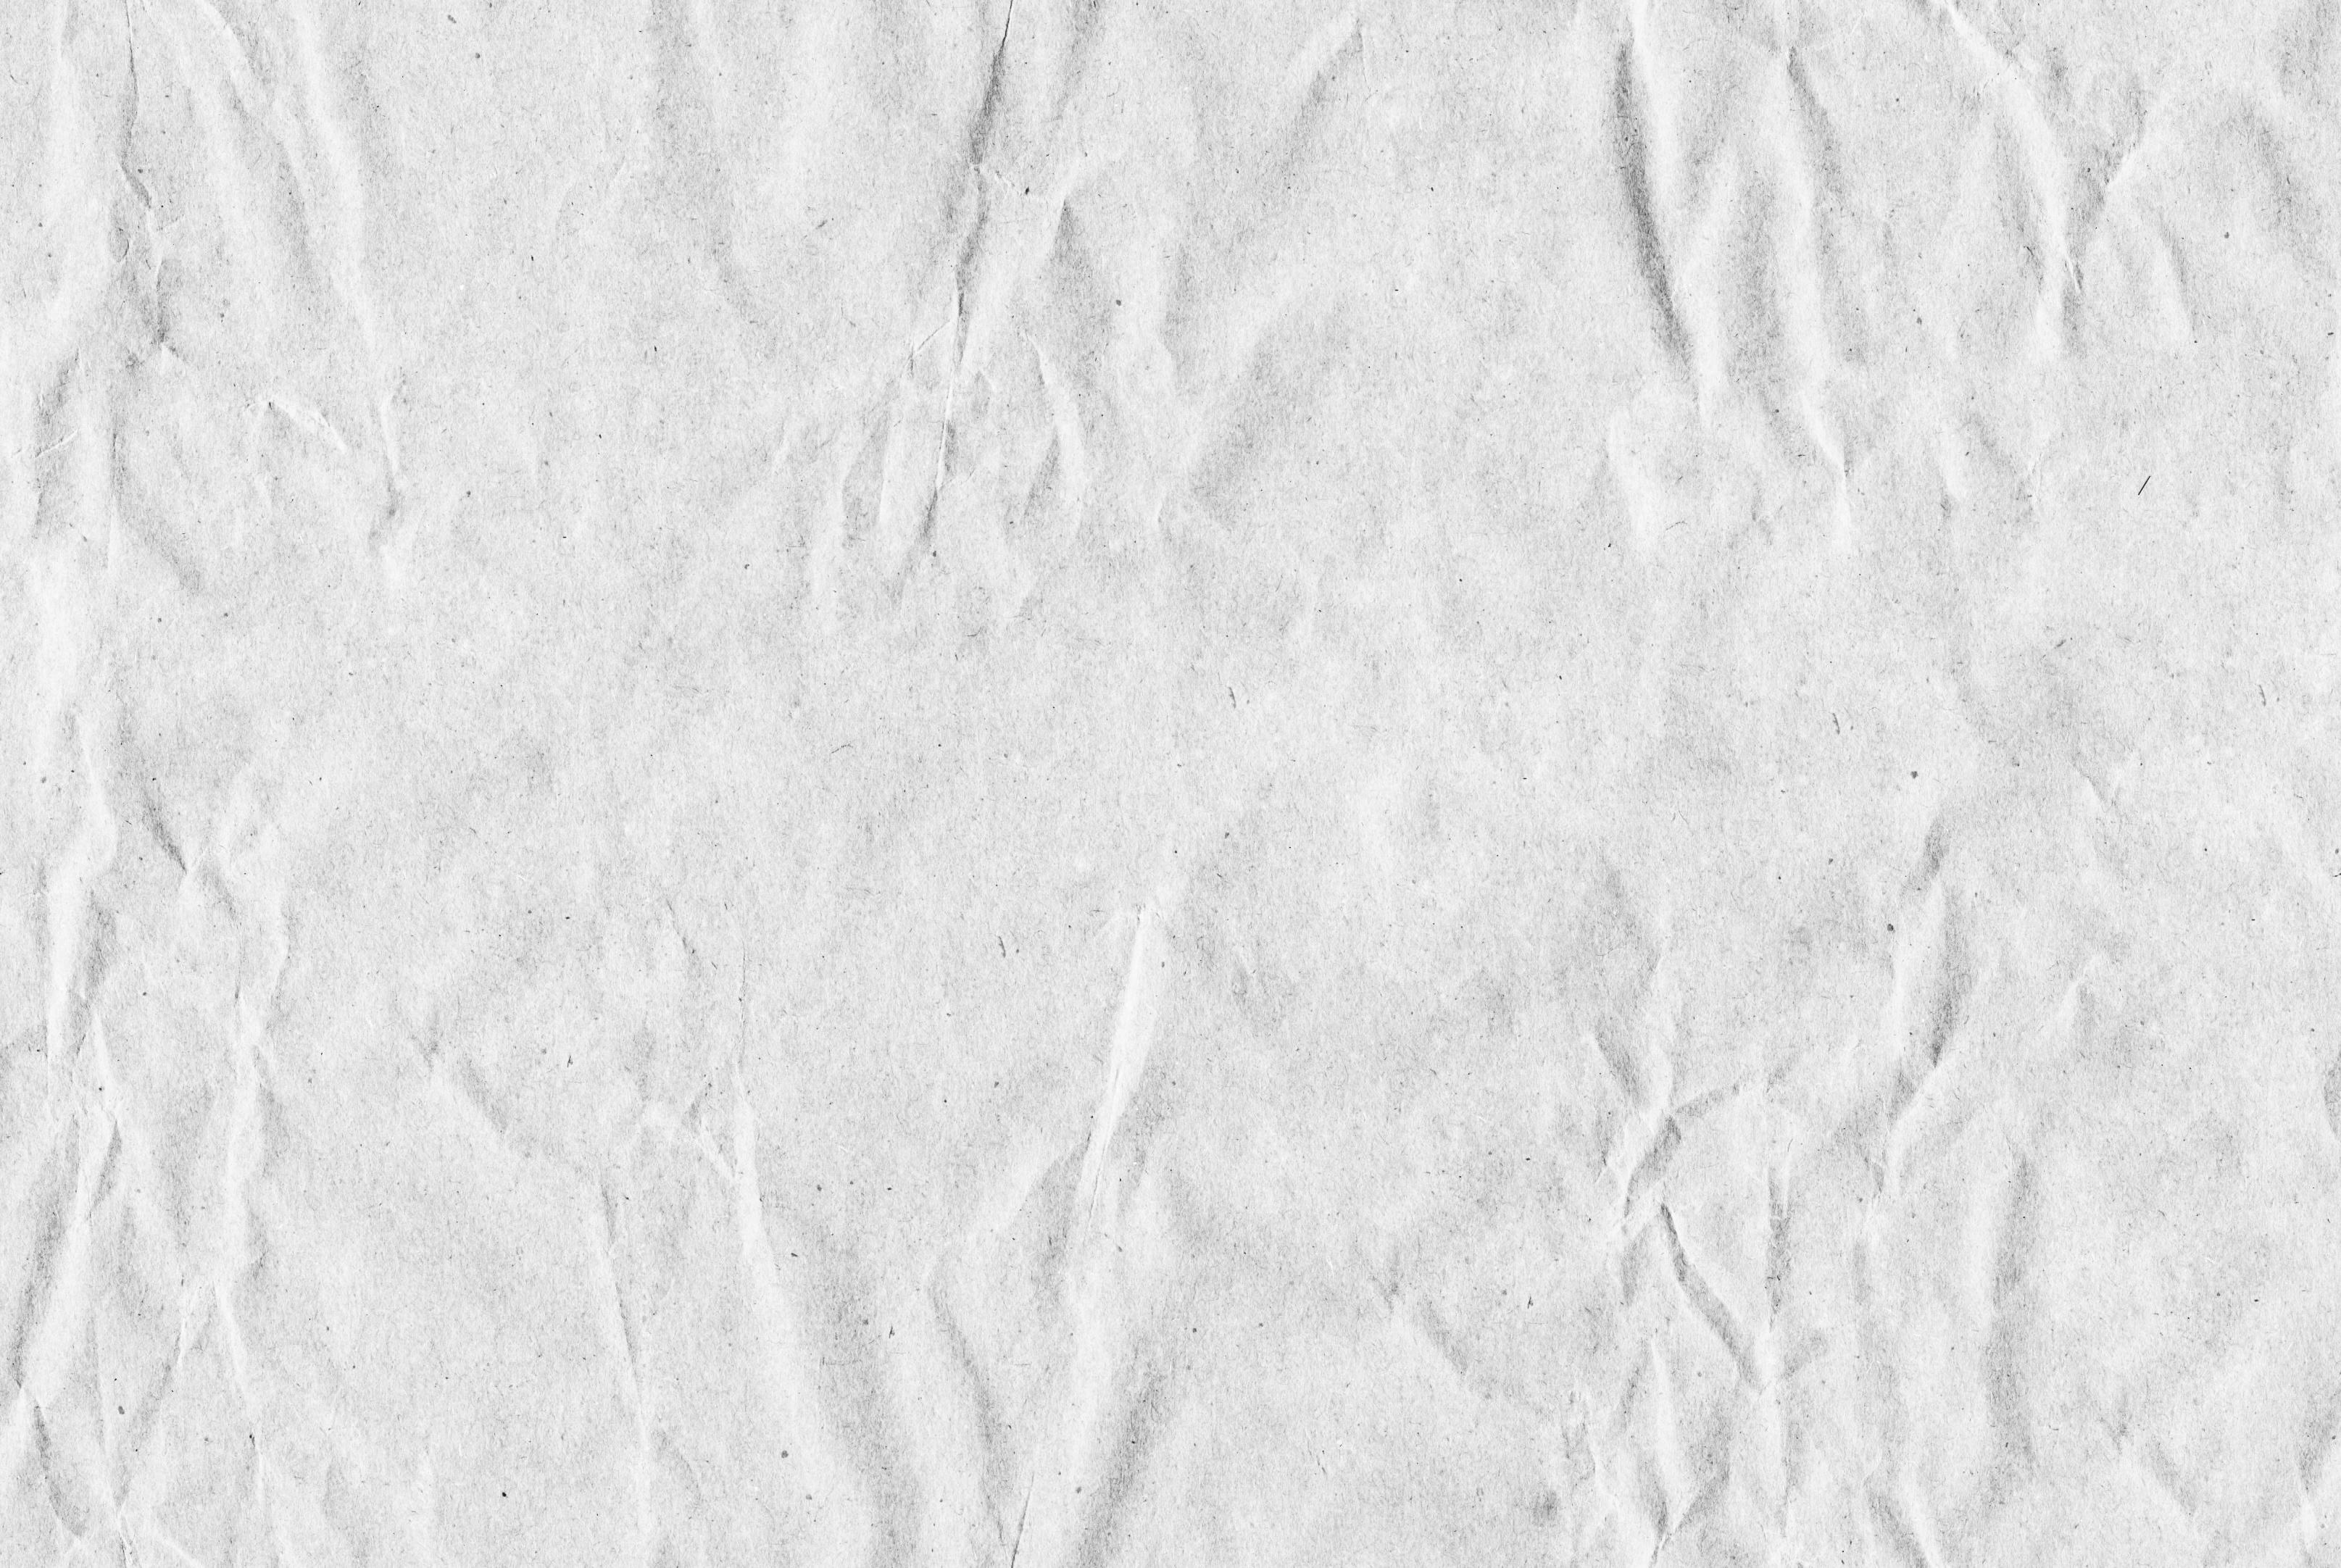 Seamless Paper Texture Widescreen Stop En Duo